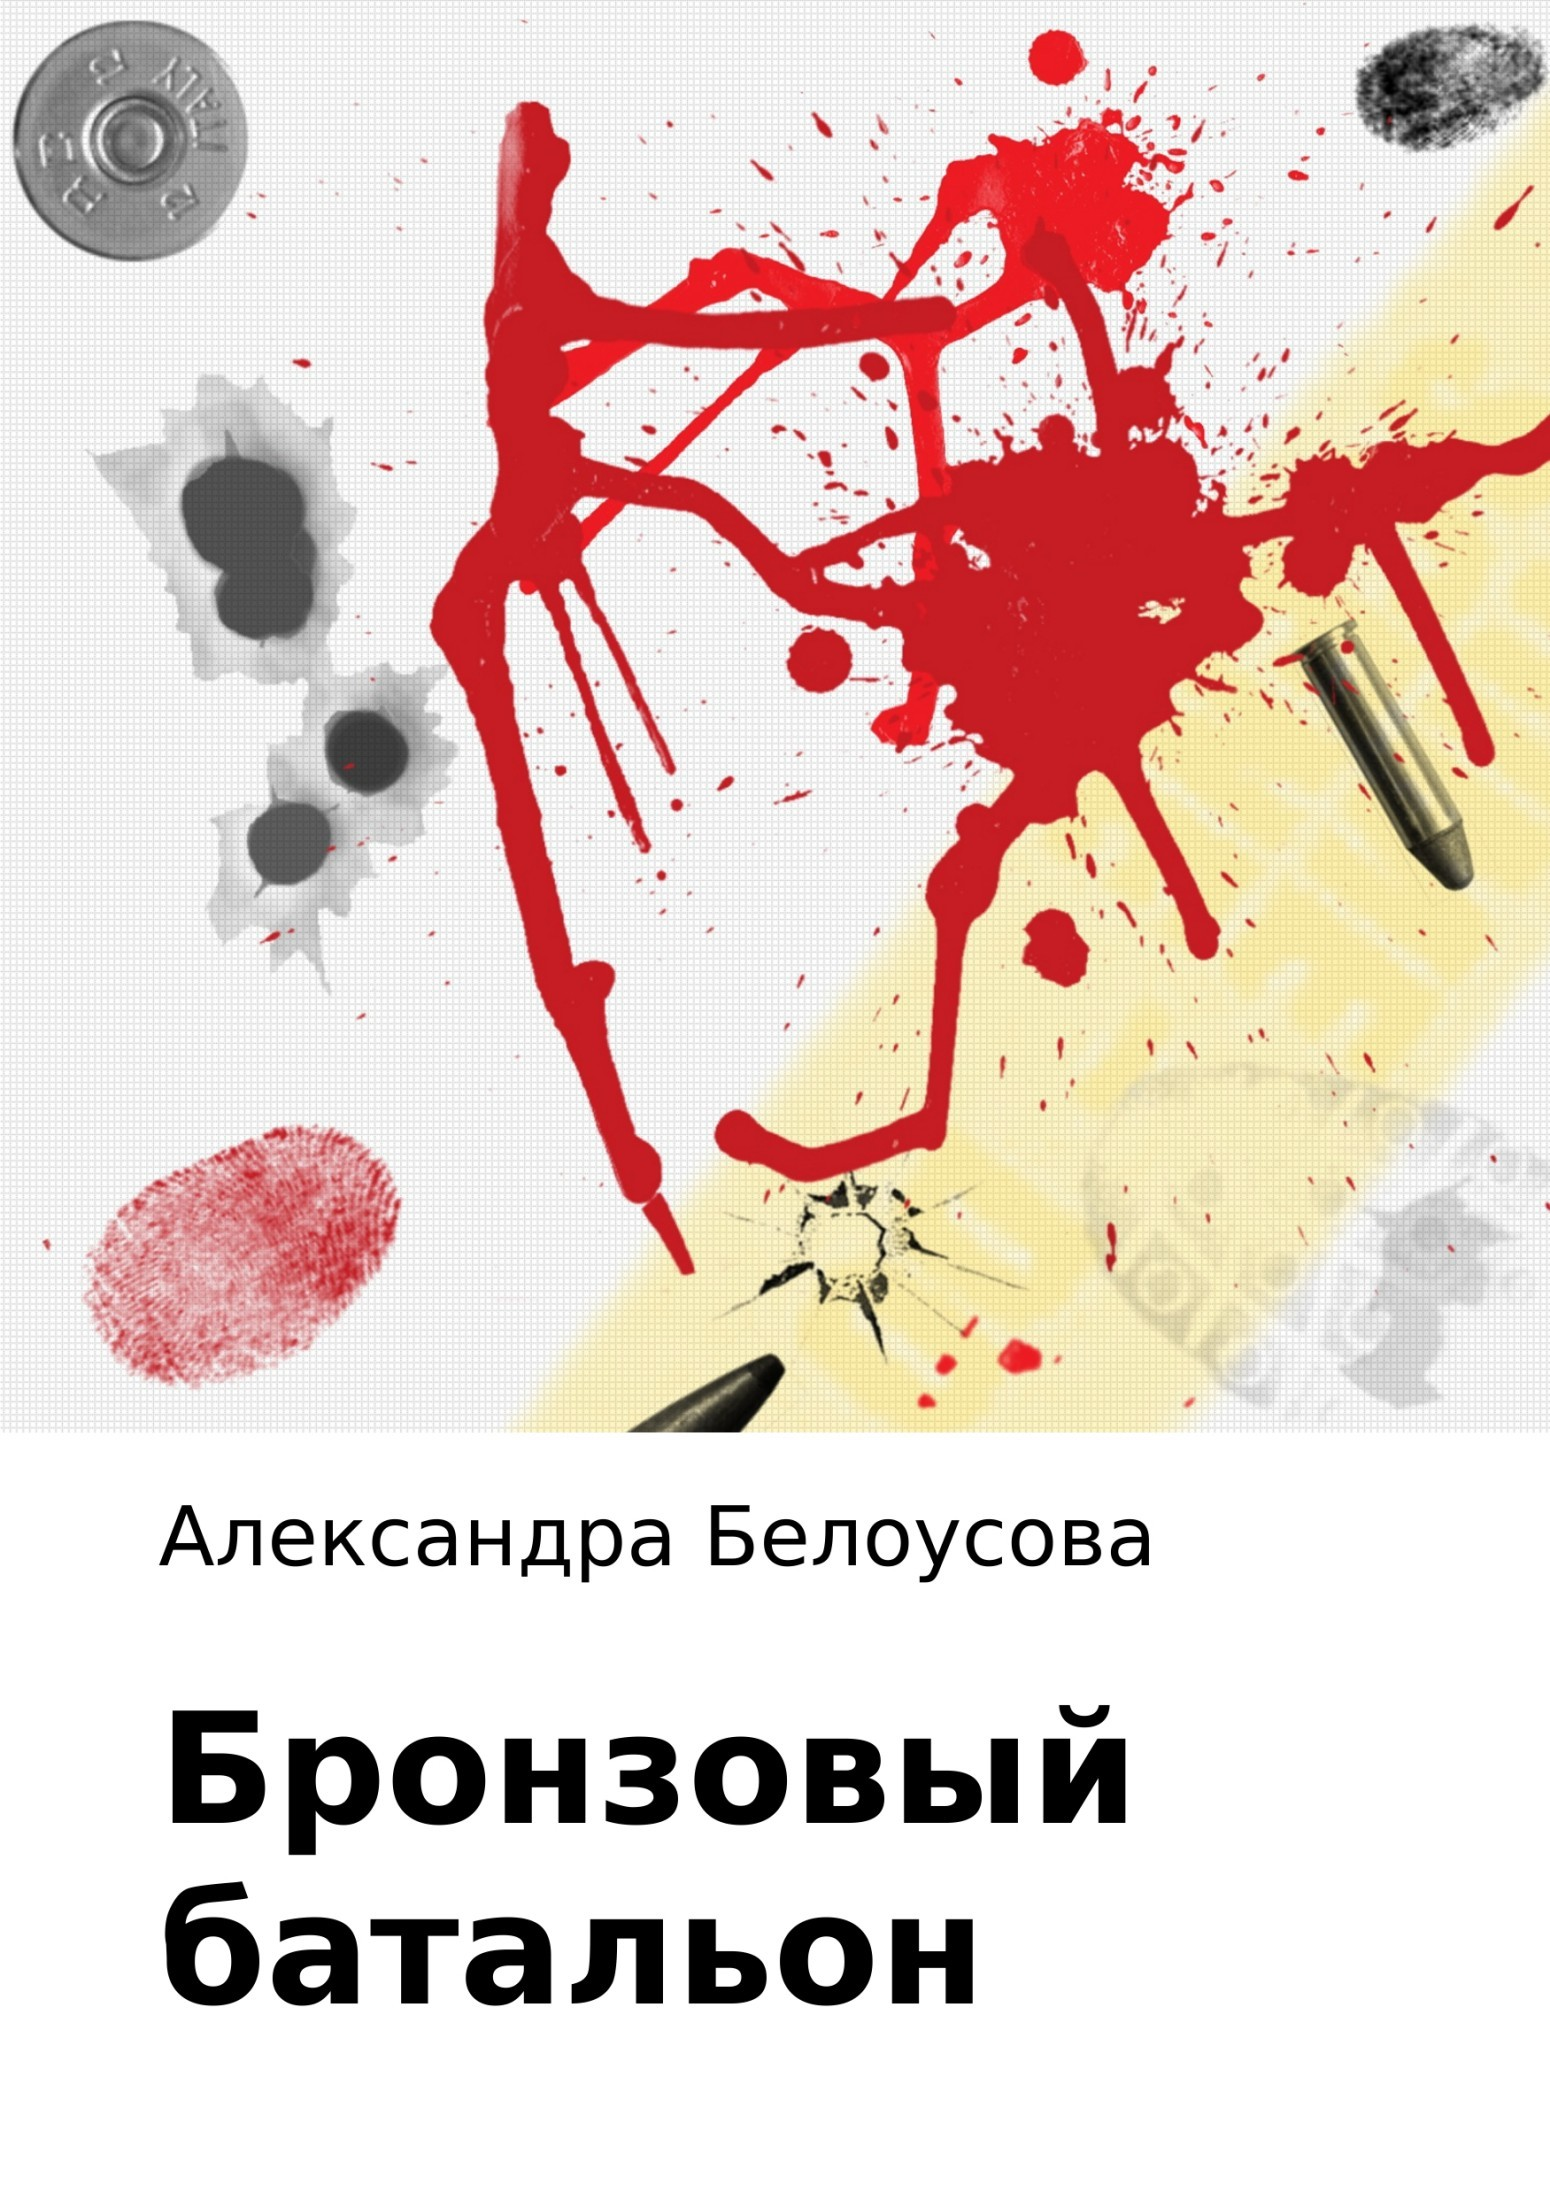 Александра Васильевна Белоусова Бронзовый батальон ролики агрессоры в украине